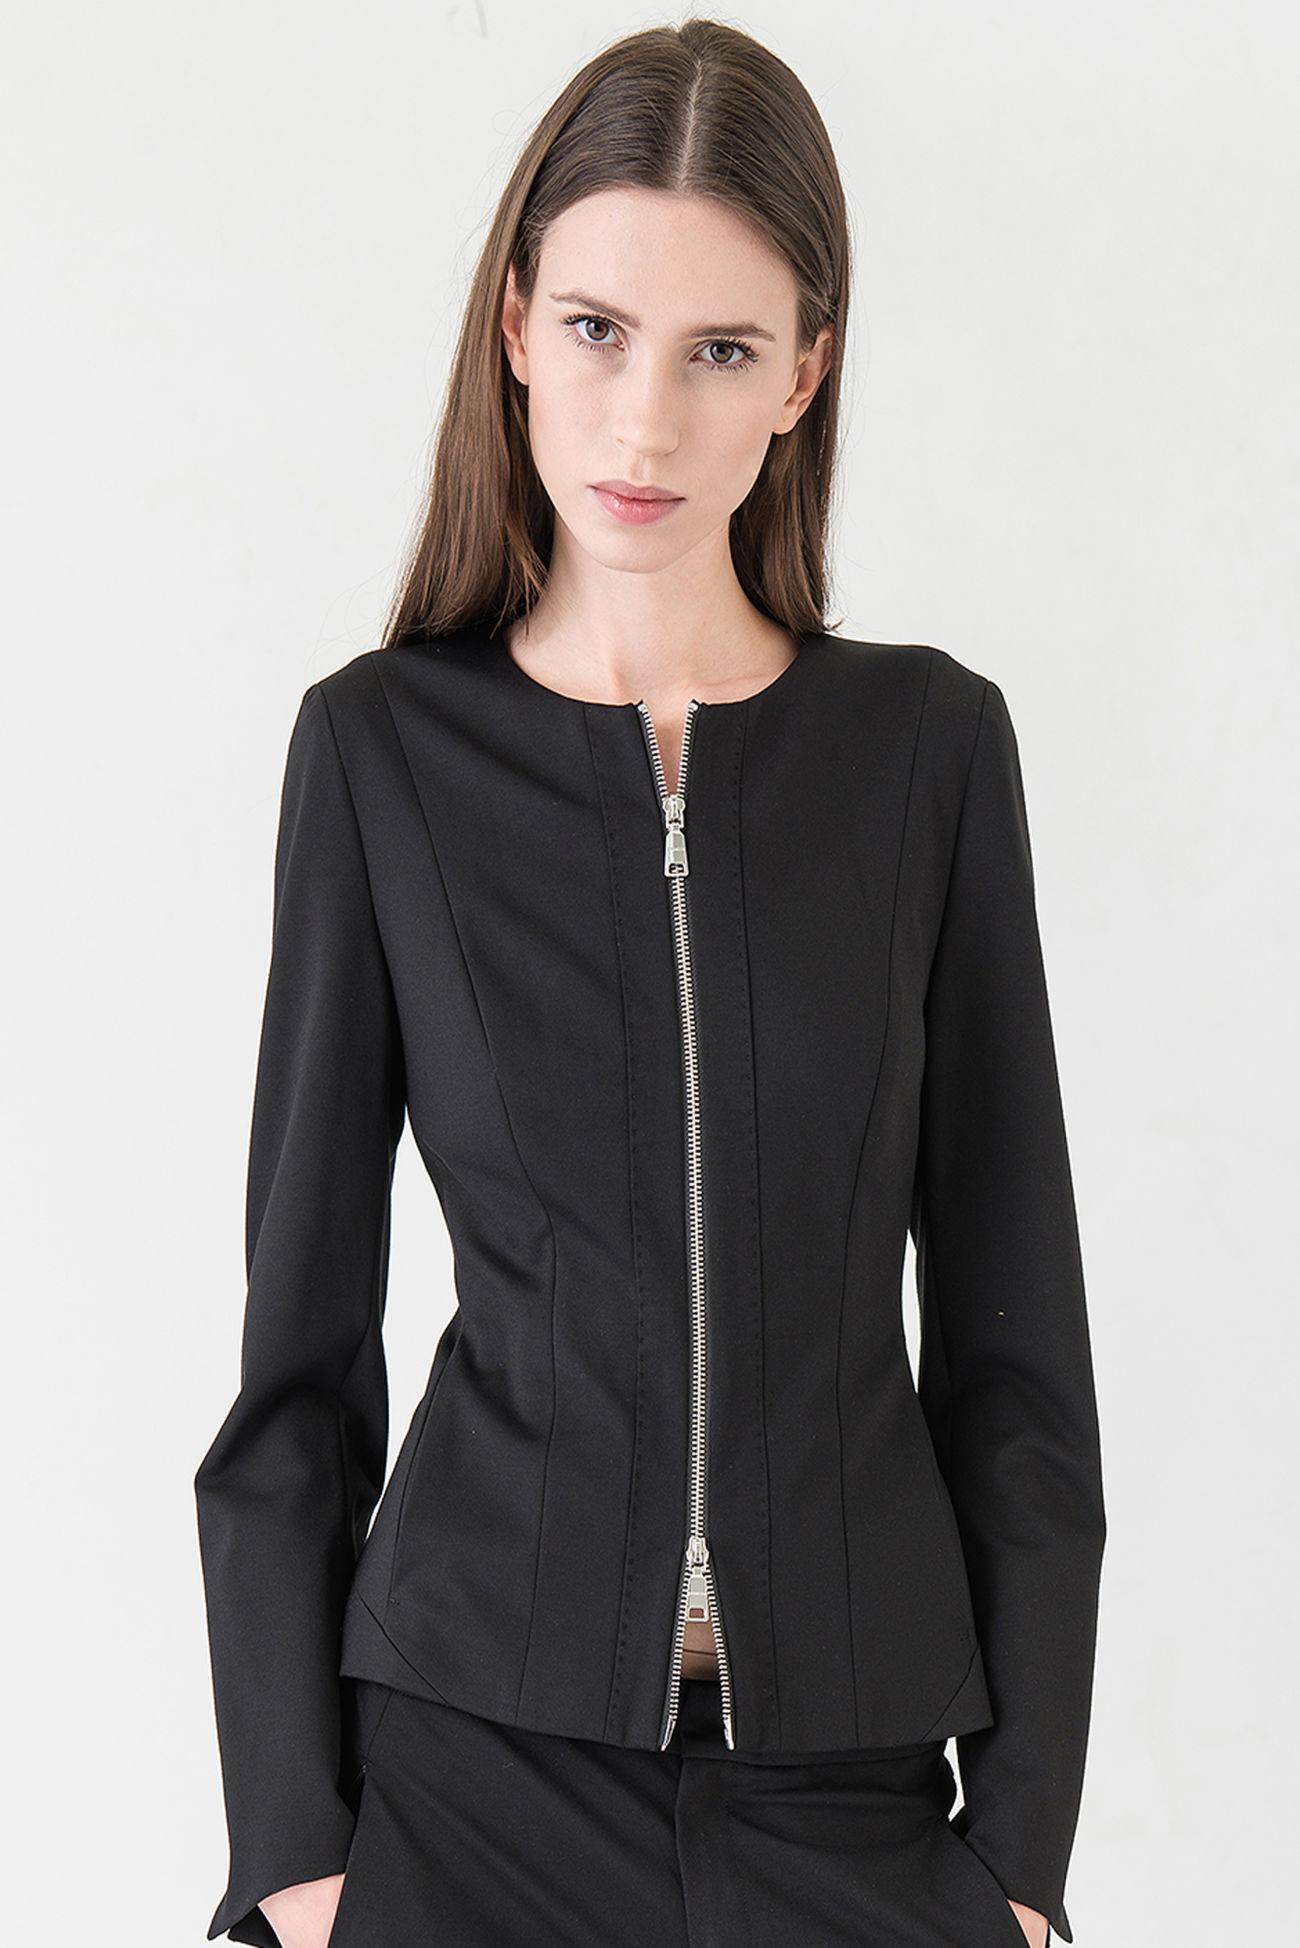 Leichte Zip-Jacke aus hochwertigem Punto Milano.